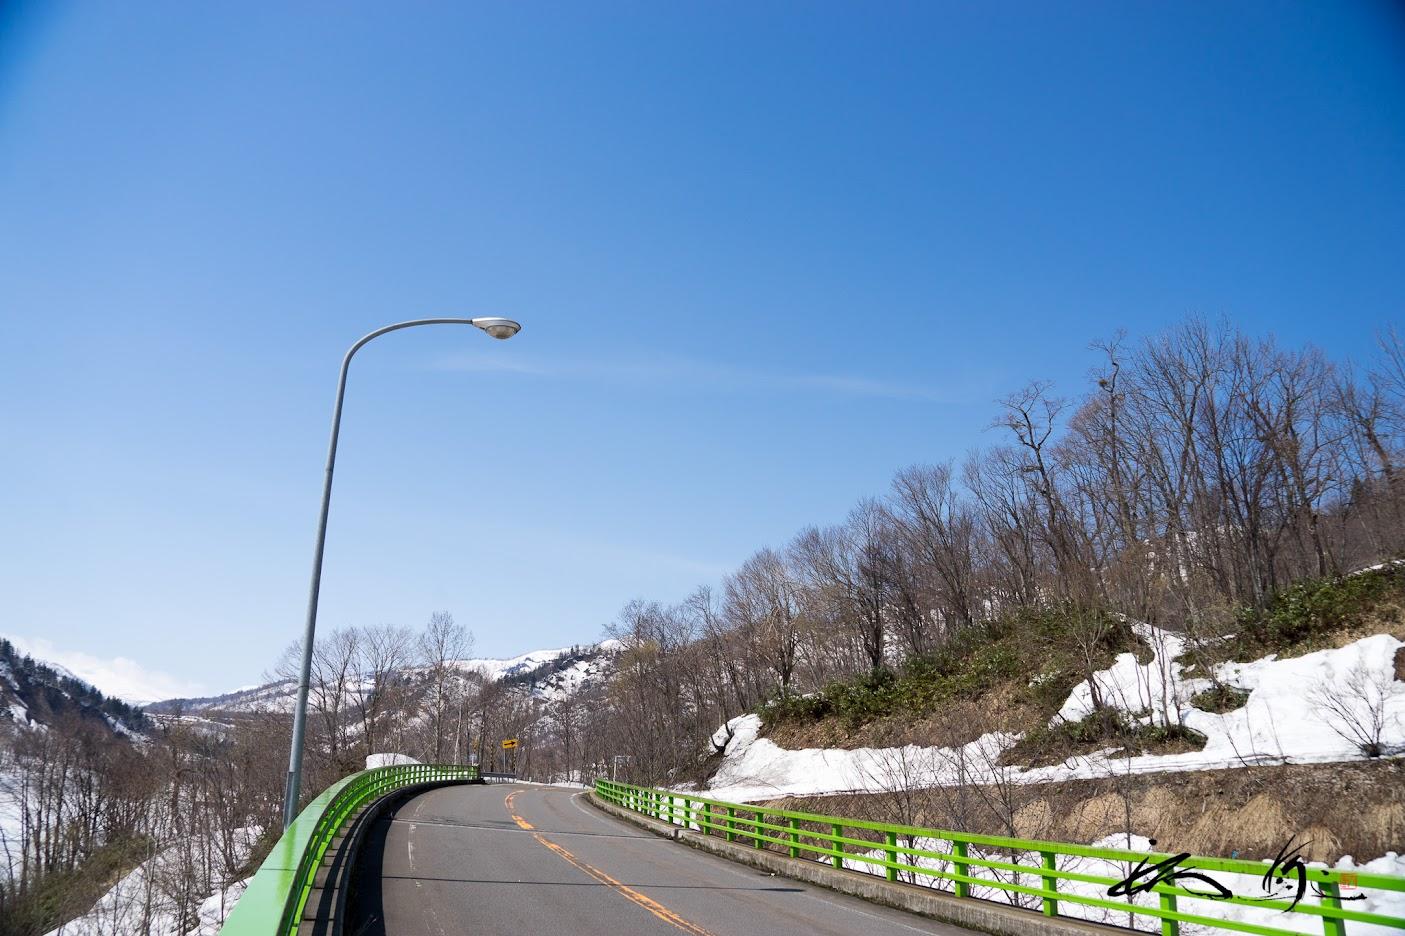 ダムに沿って走る道路